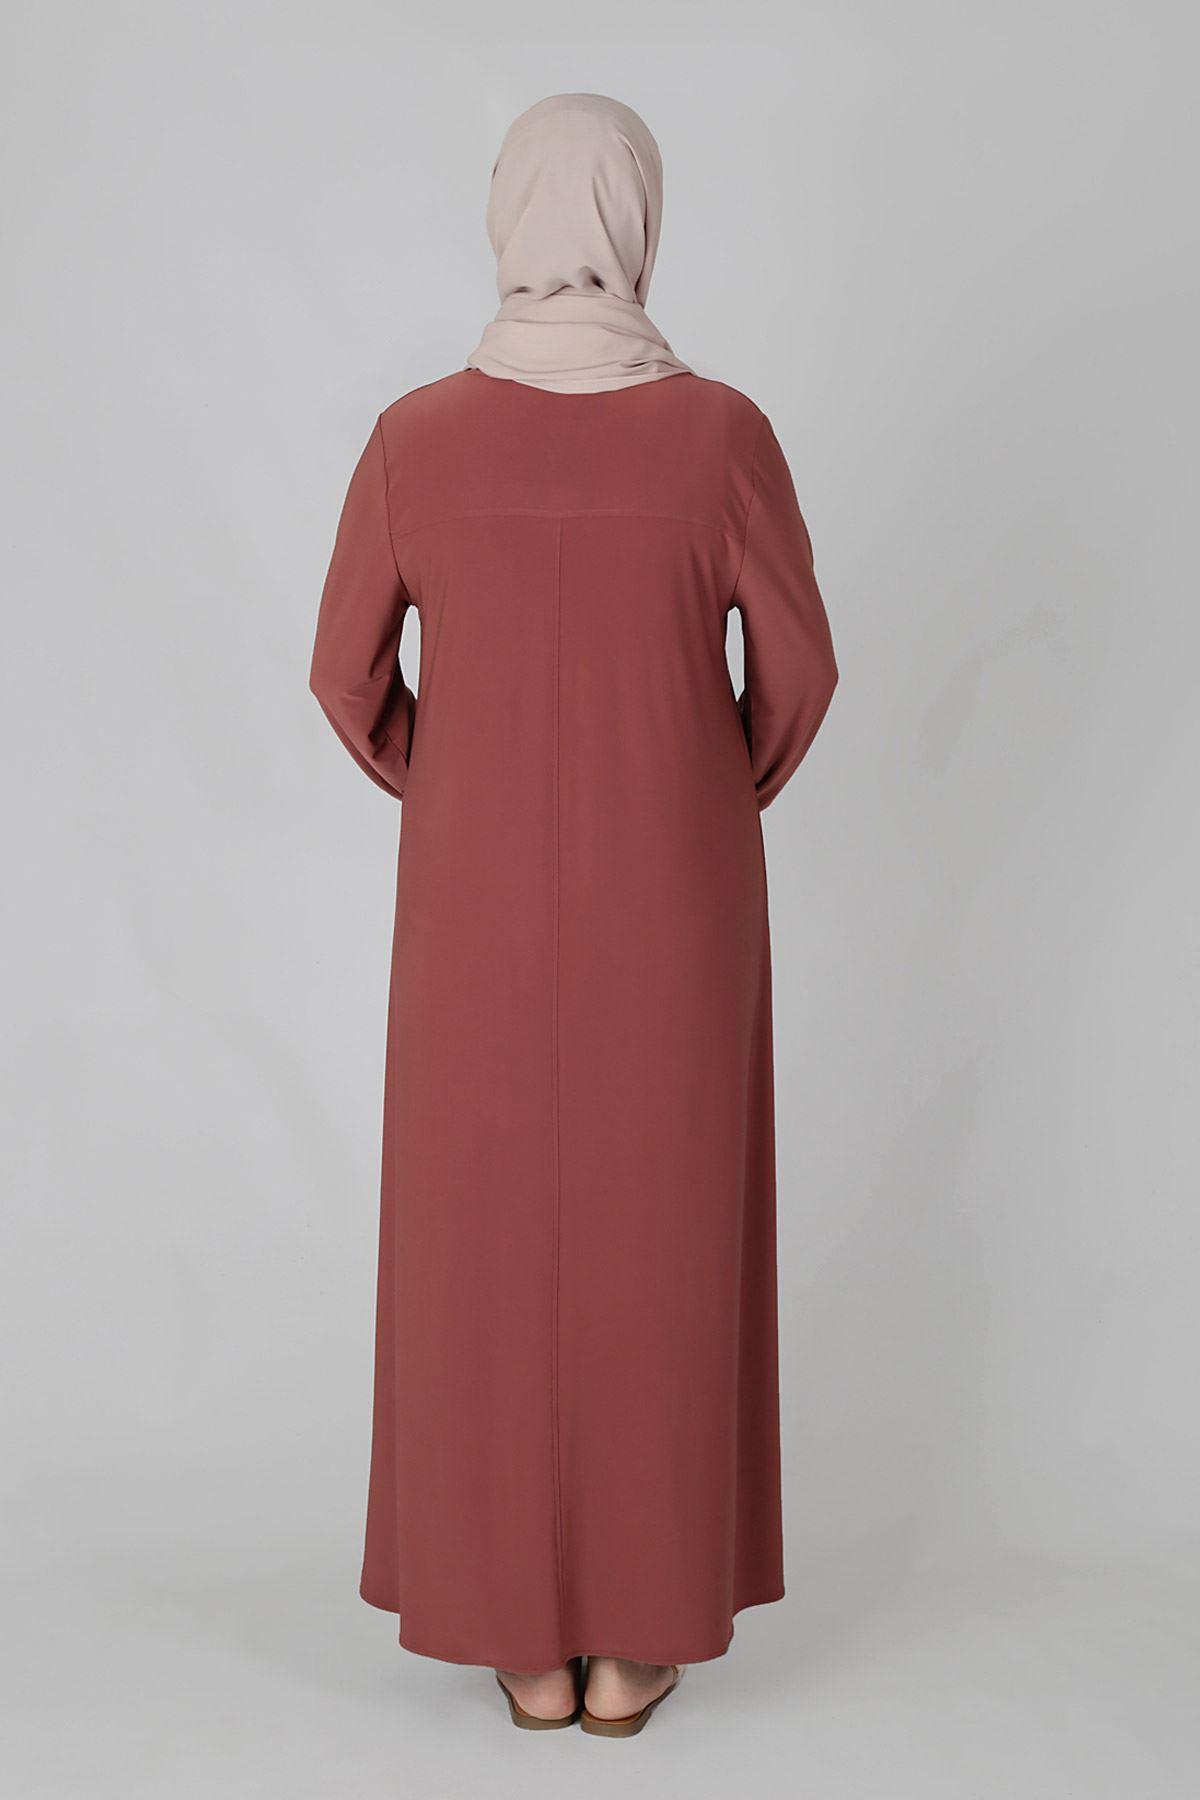 Büyük Beden Tesettür Elbise 75001 Akik